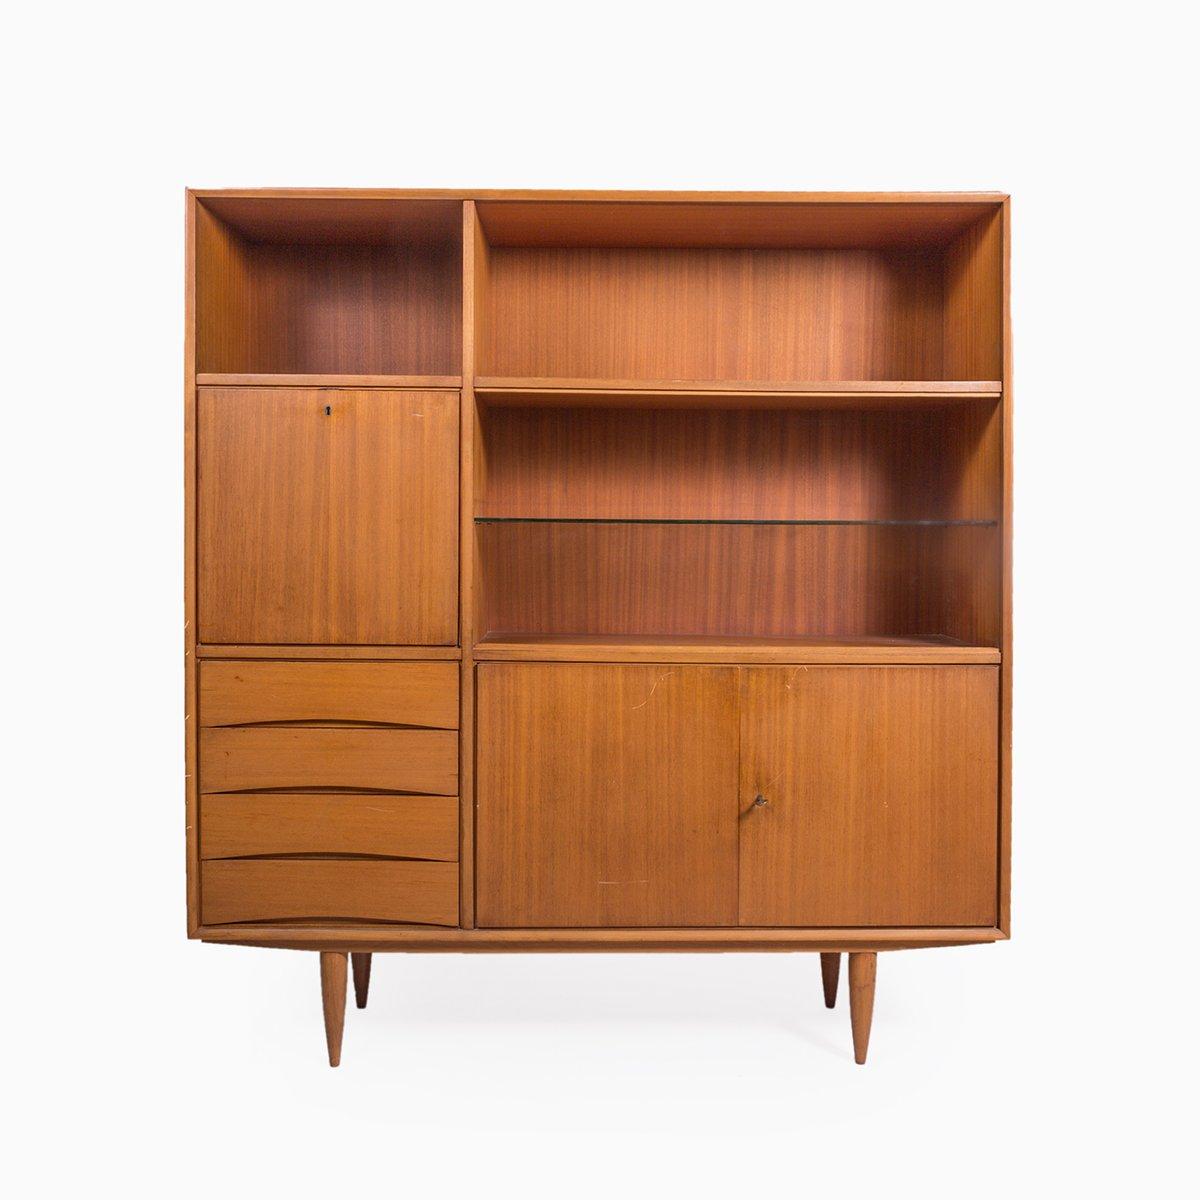 Meuble vintage en bois avec tiroirs en vente sur pamono for Meuble avec nombreux tiroirs